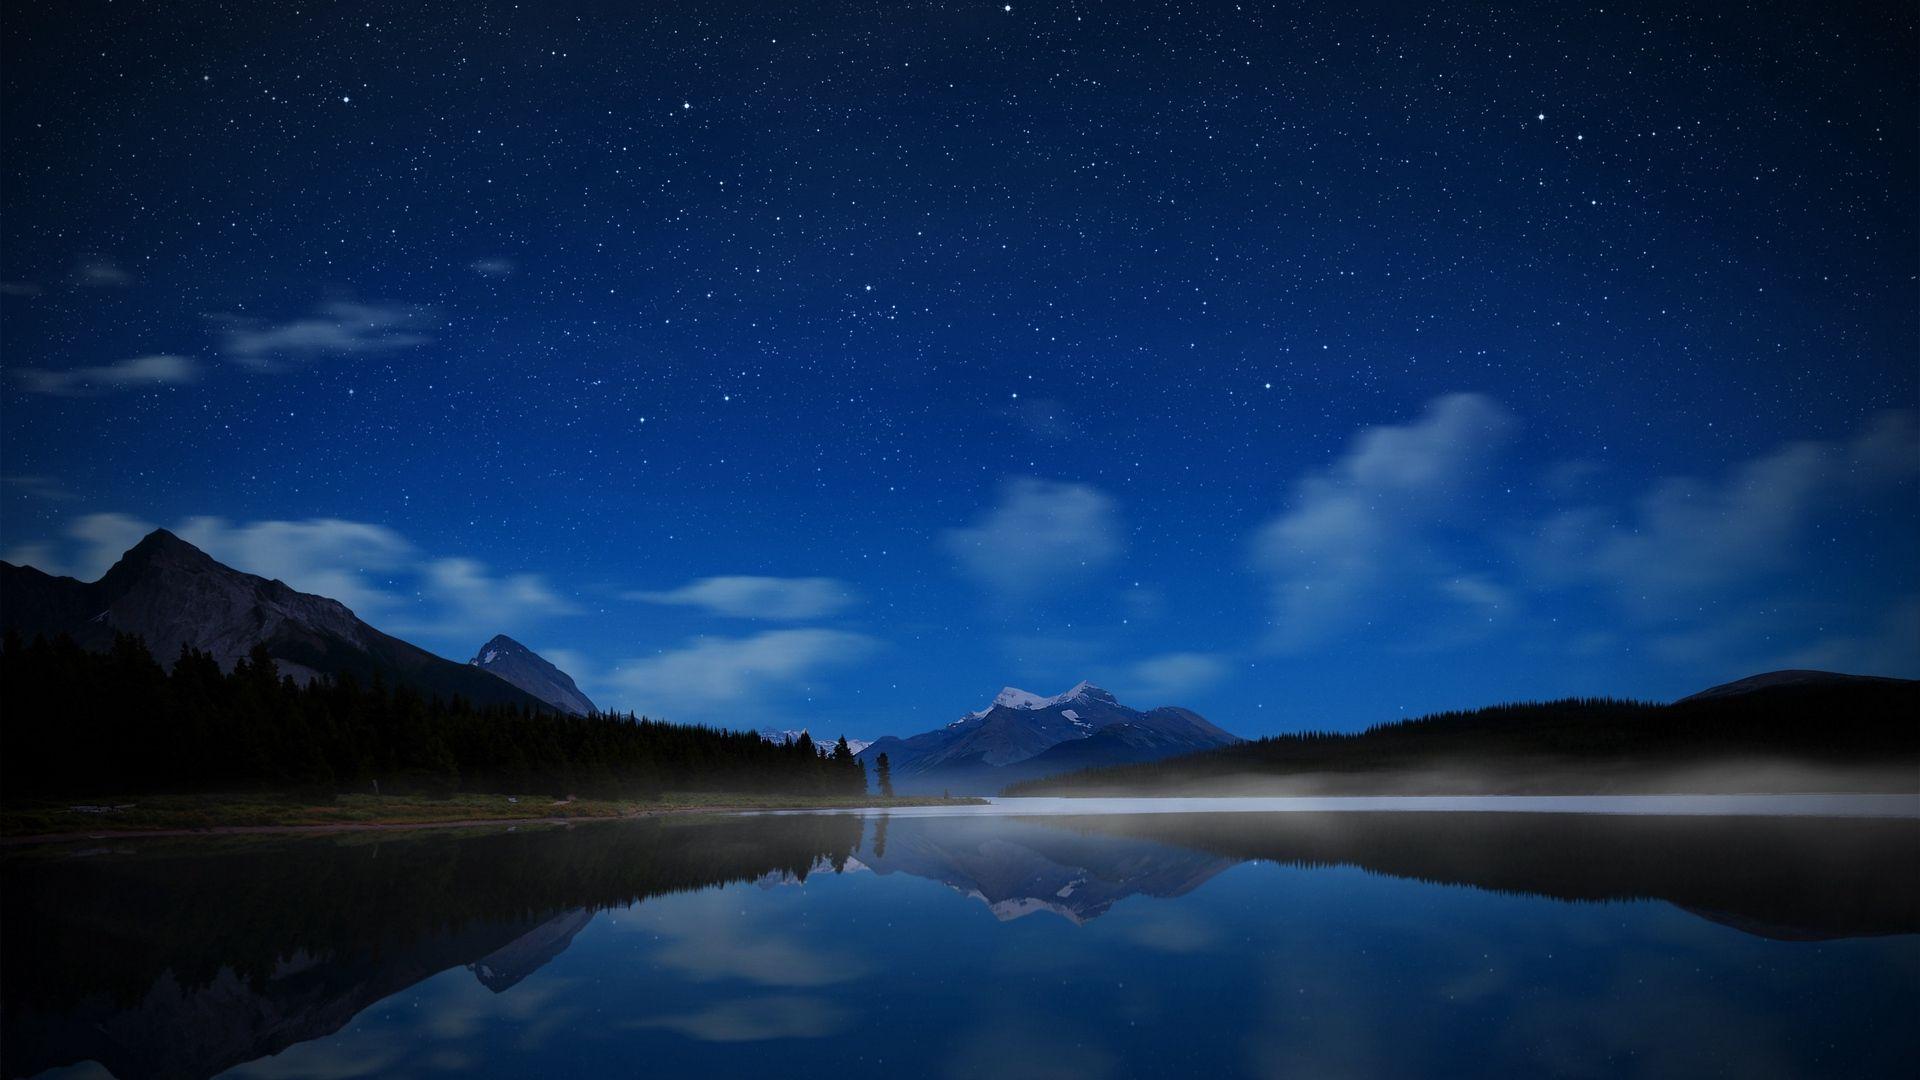 Wallpapers Night Lake